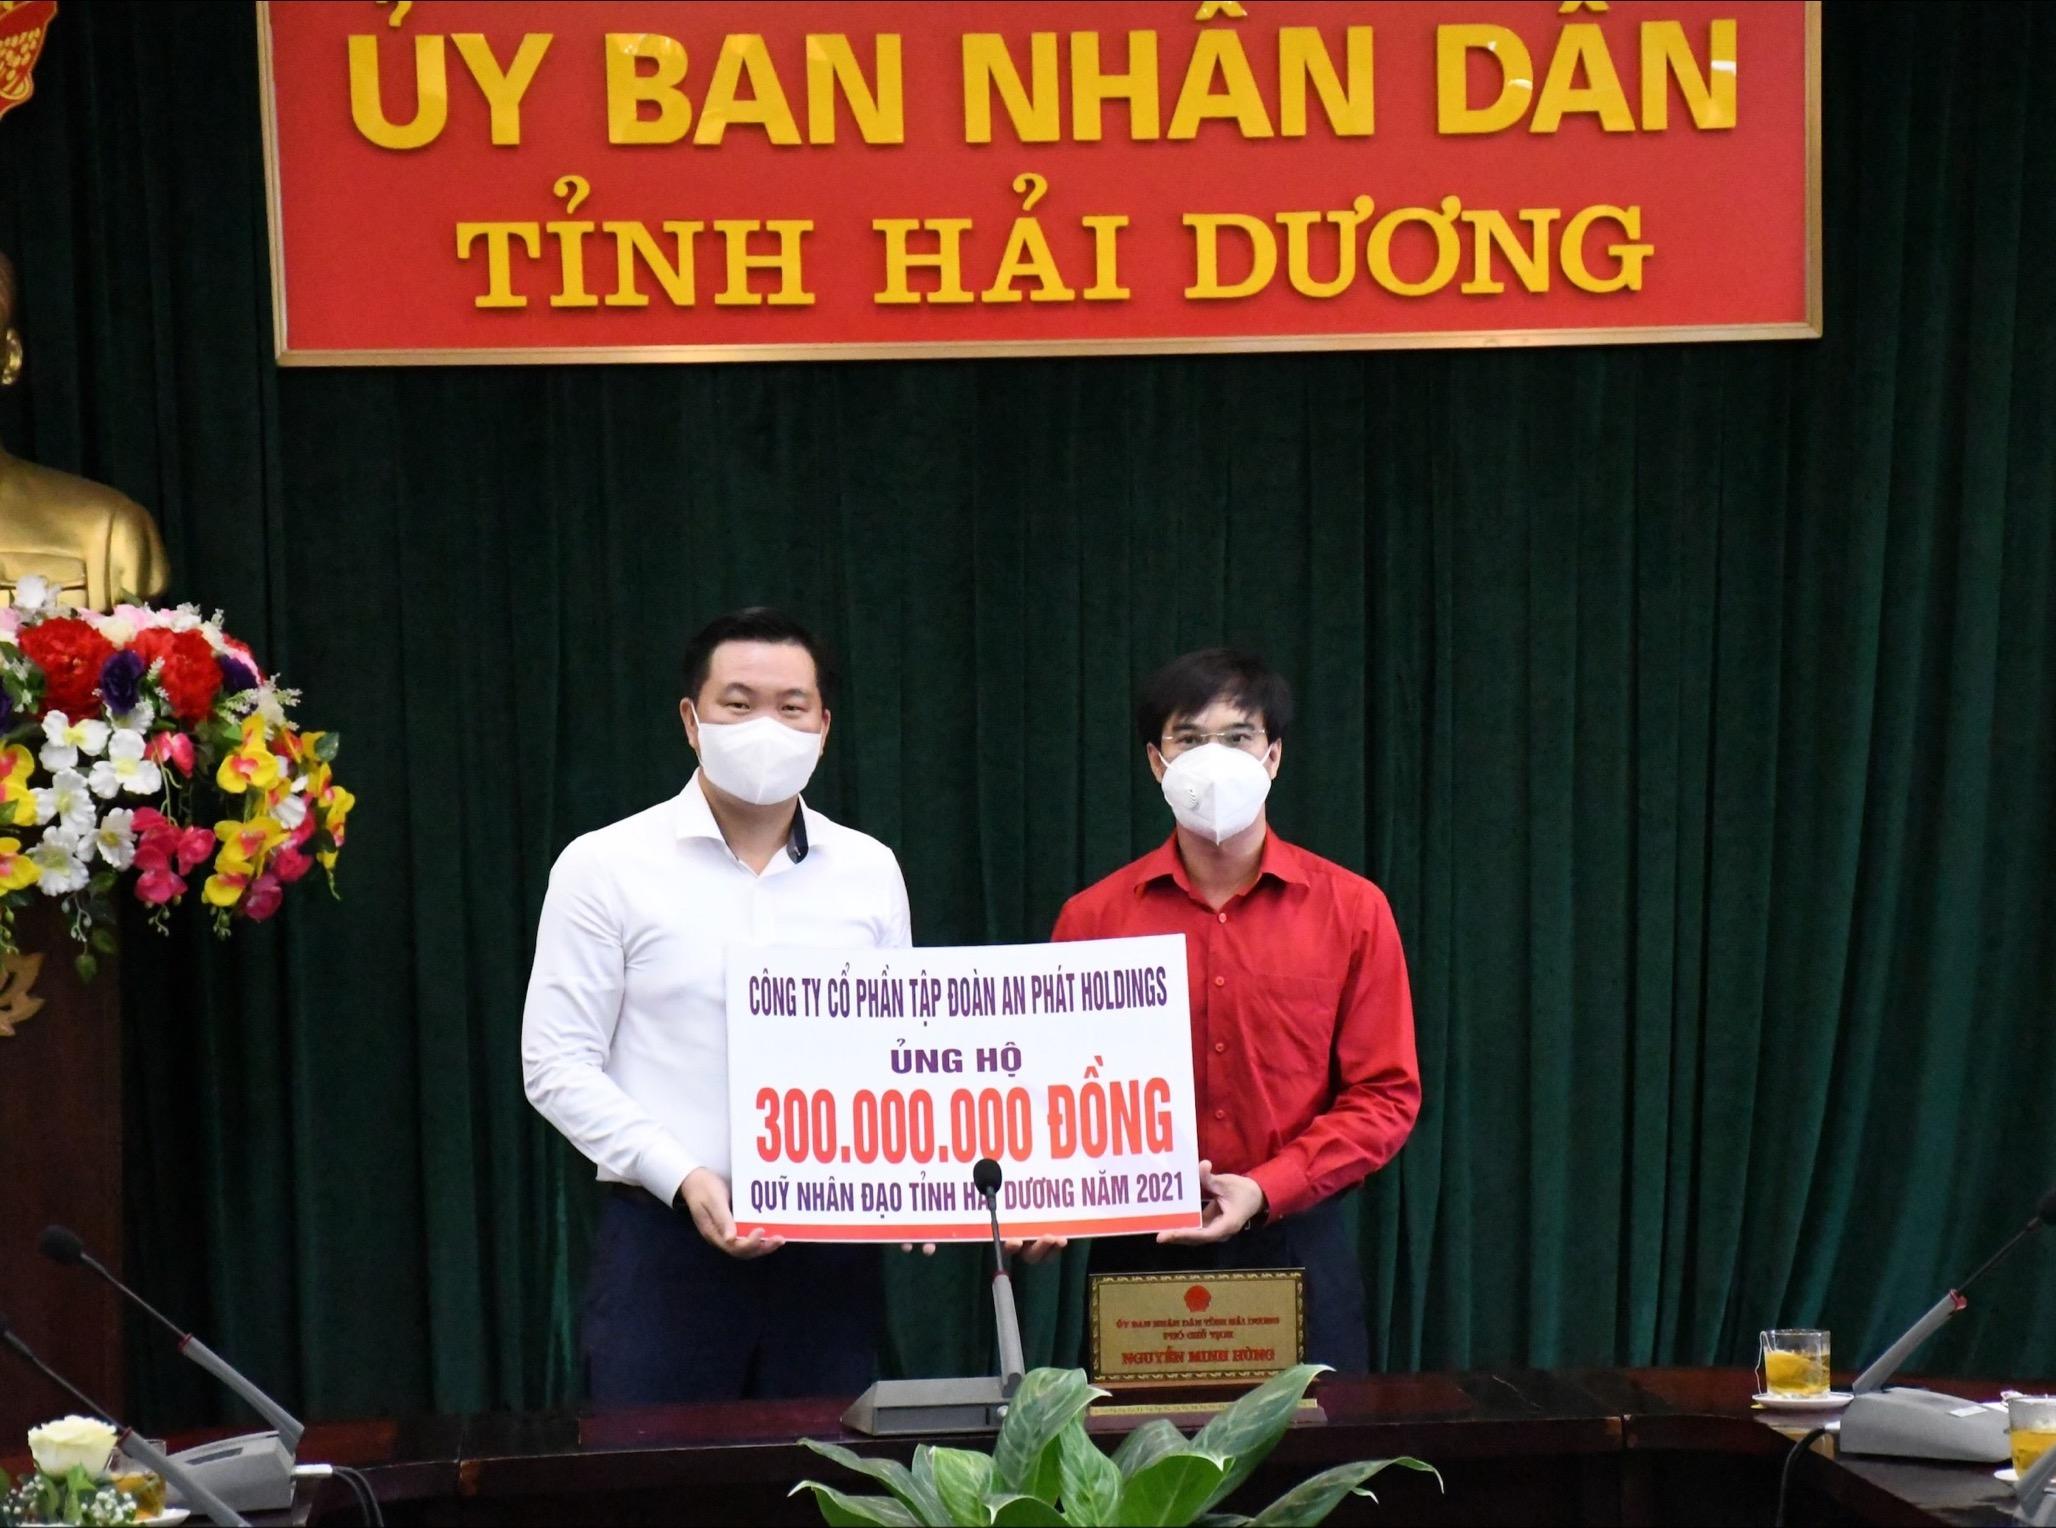 Ông Phạm Văn Tuấn – Phó Tổng Giám đốc Tập đoàn An Phát Holdings trao 300 triệu đồng ủng hộ Quỹ nhân đạo tỉnh.